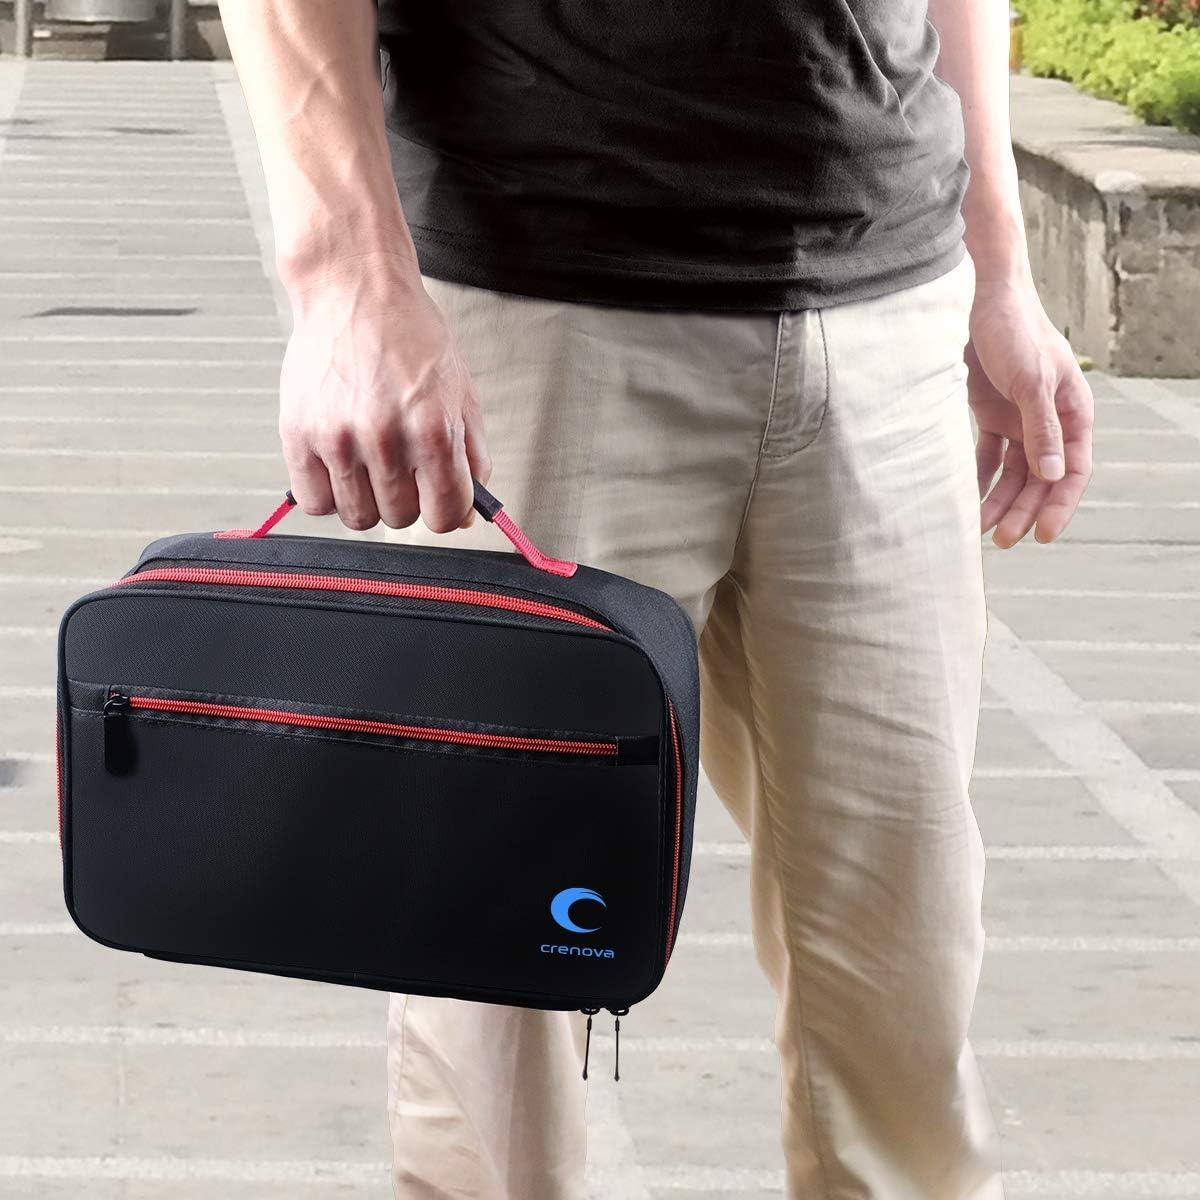 Beamertasche,Tragbare Tasche f/ür Crenova XPE500 Mini Beamer und Zubeh/ör,schwarz,30x20x9.5cm,Passend f/ür die meisten kleinen Beamer